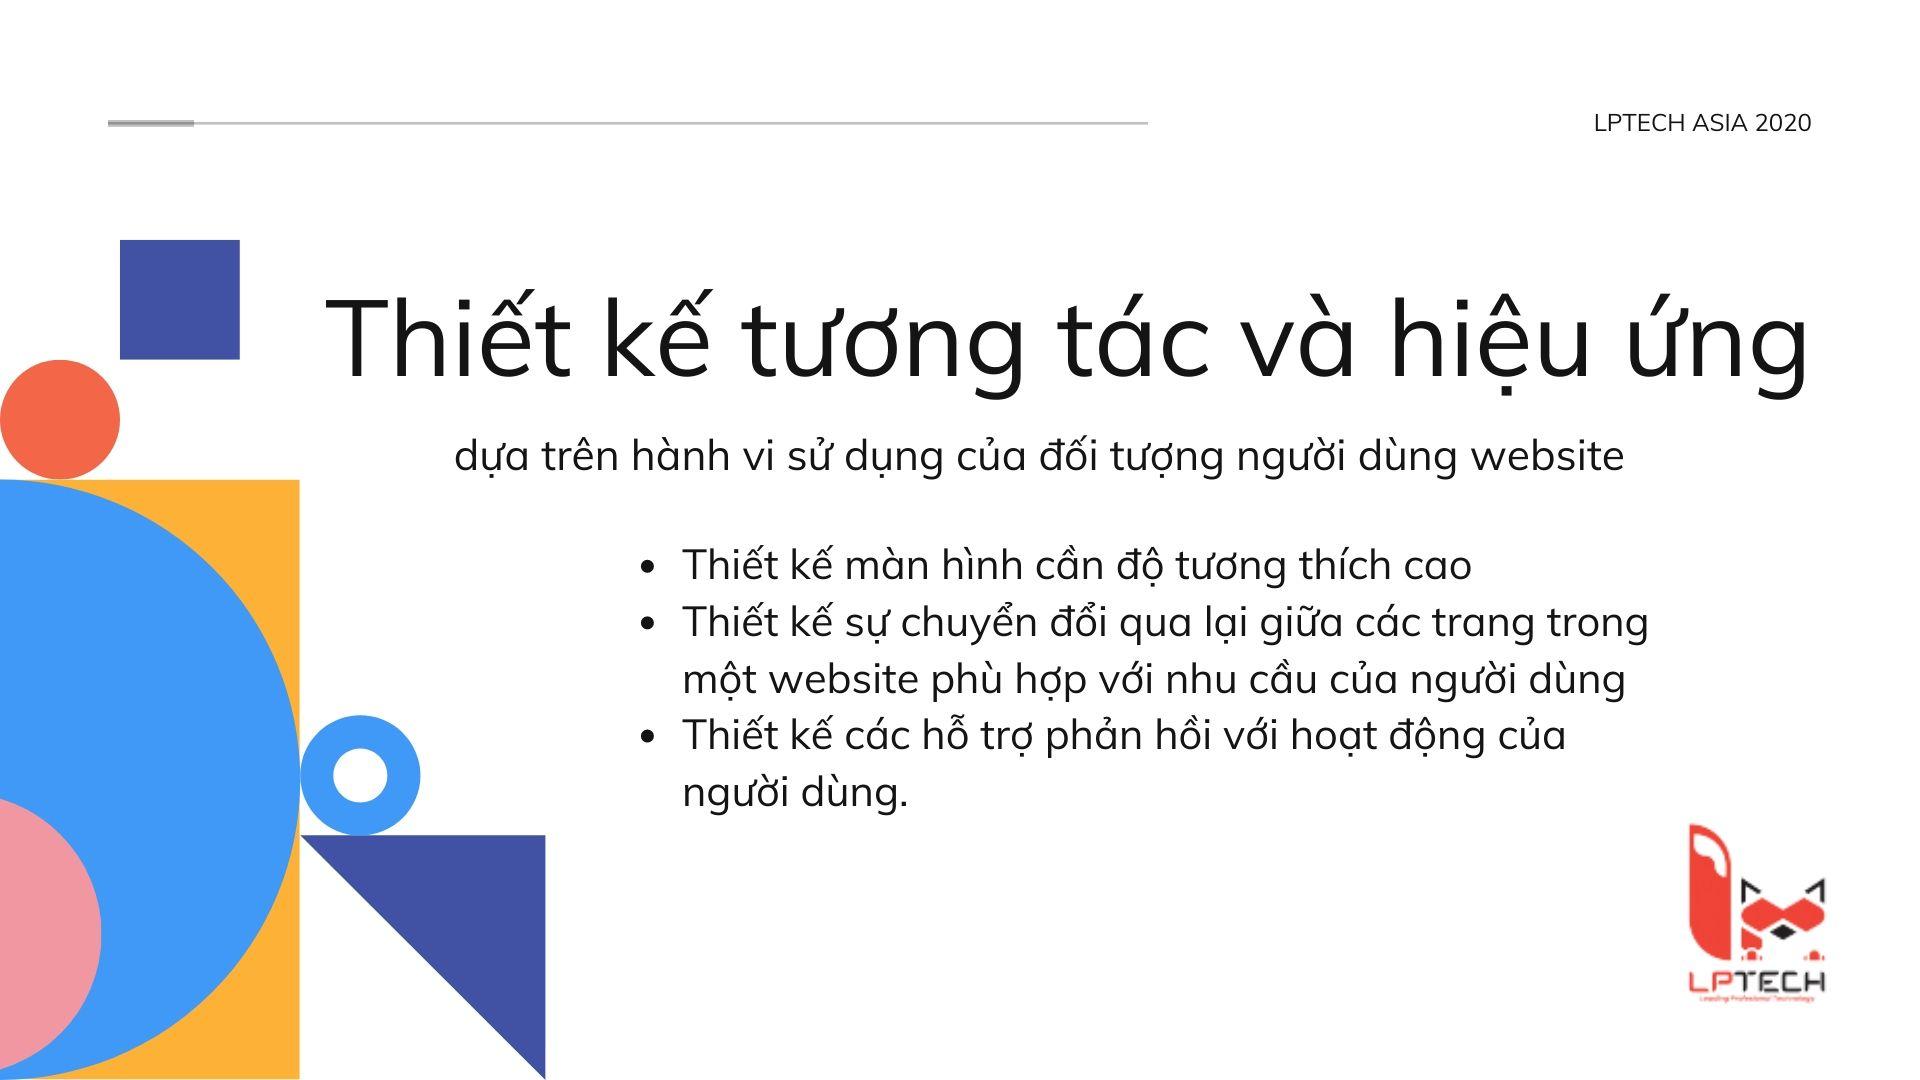 Thiết kế tương tác và hiệu ứng cho thiết kế giao diện website